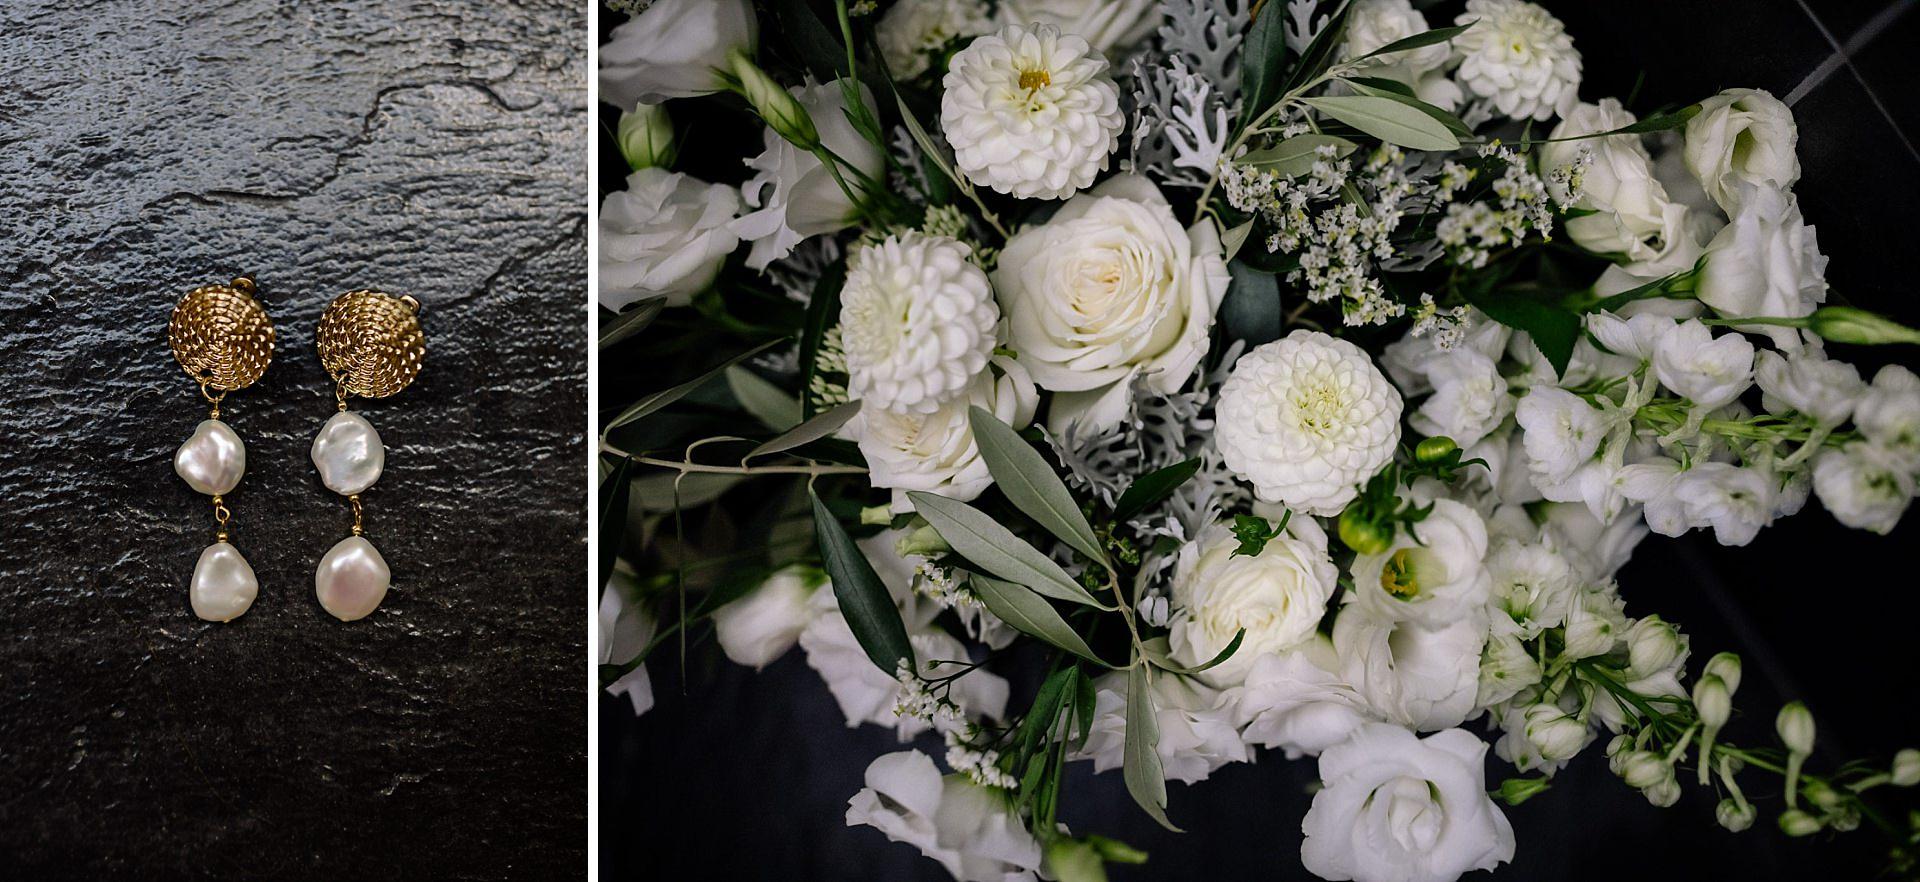 Bridal bouquet by Hamilton Florist